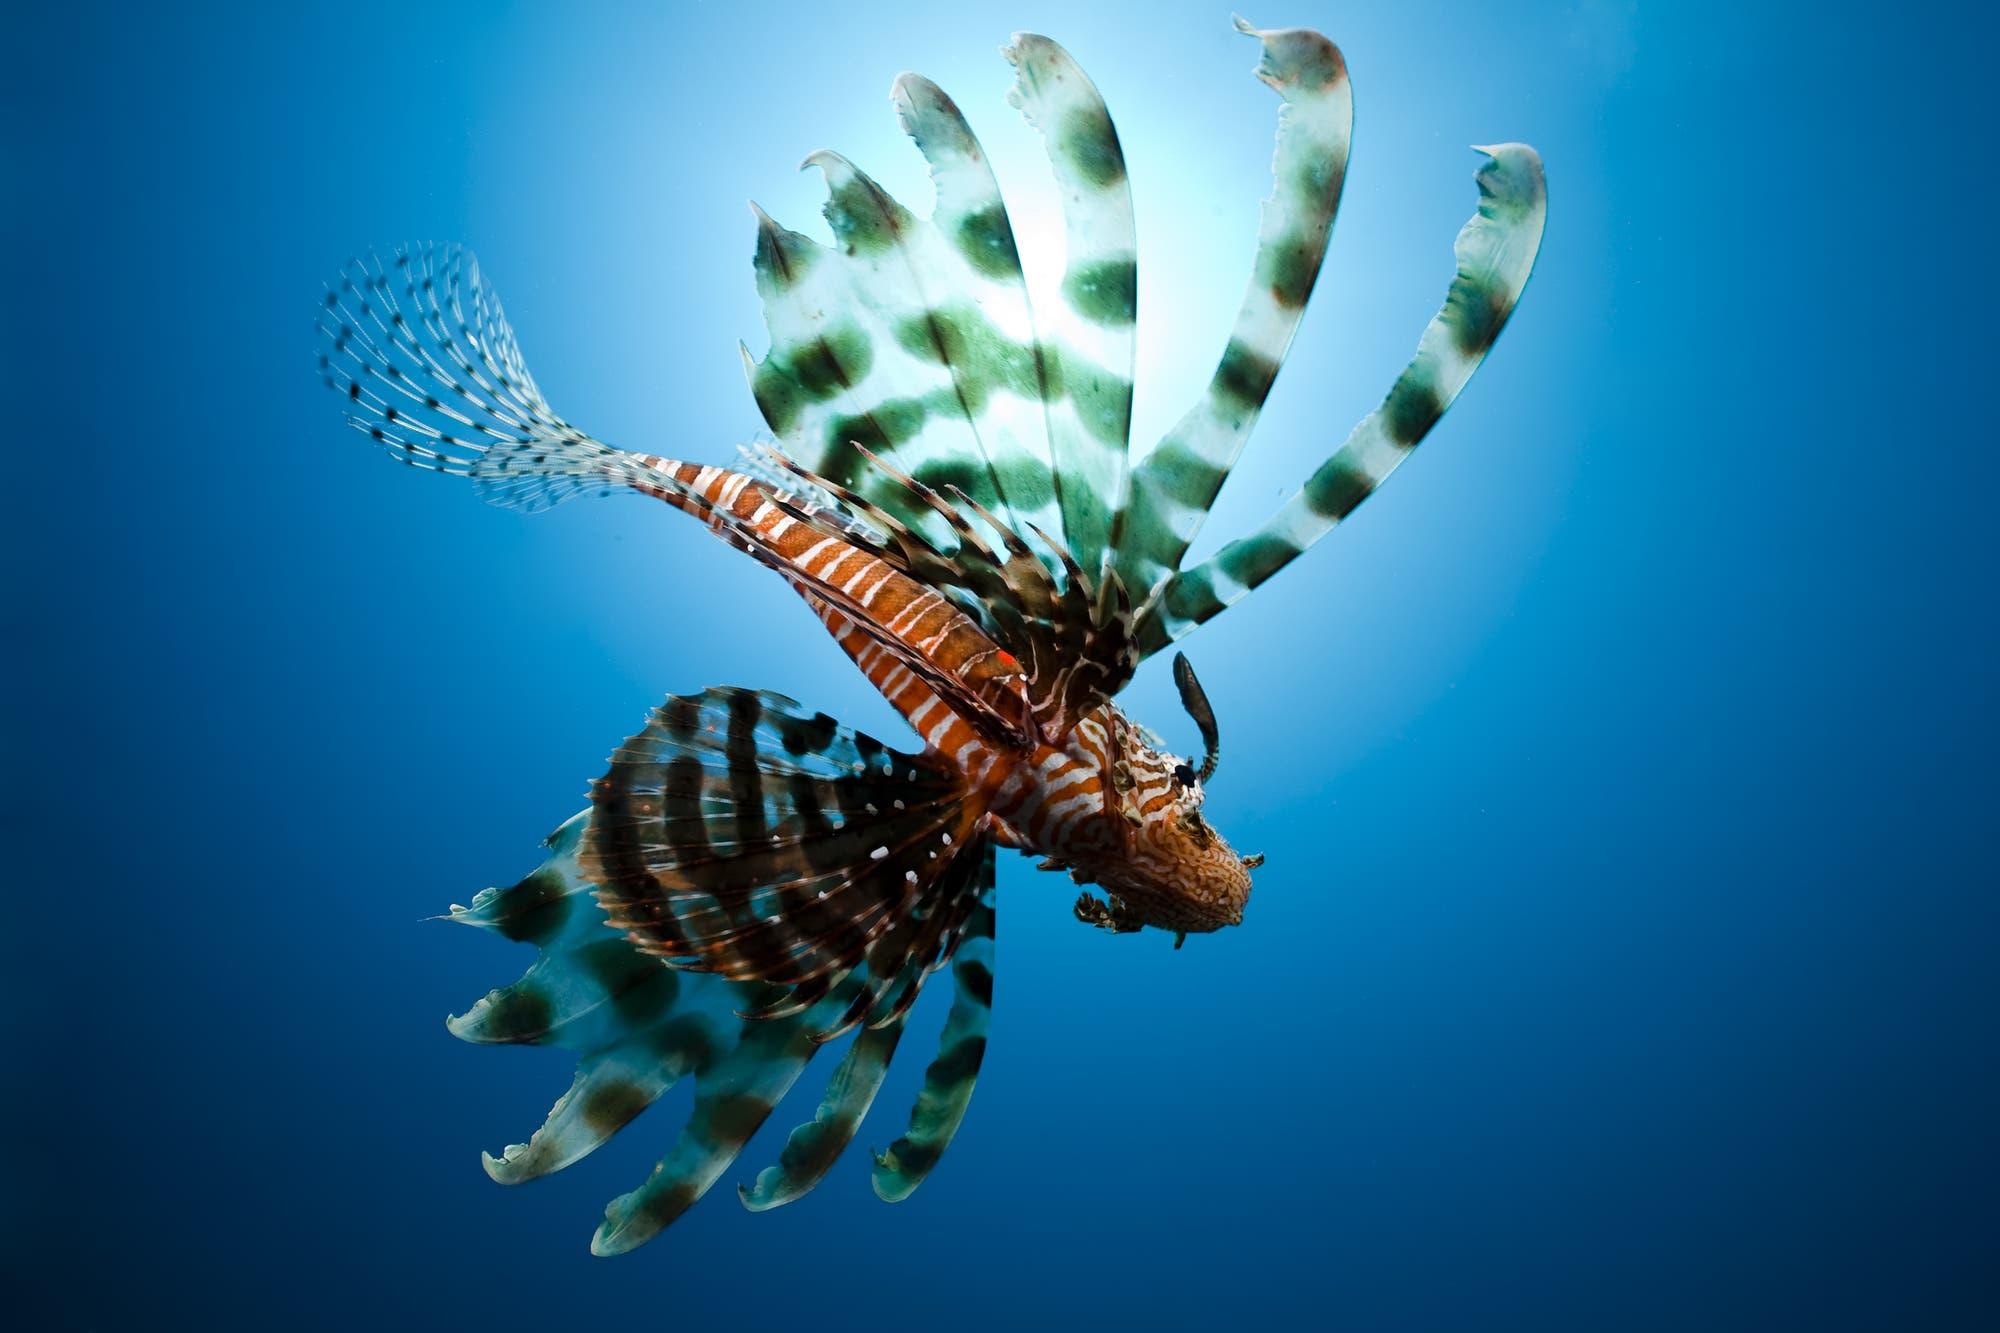 Das Gift der Fische befindet sich als Sekret auf der Haut der Rückenstacheln. Es kann starke Schmerzen hervorrufen, ist aber nicht tödlich, wenn es auf die Haut von Tauchern gelangt.